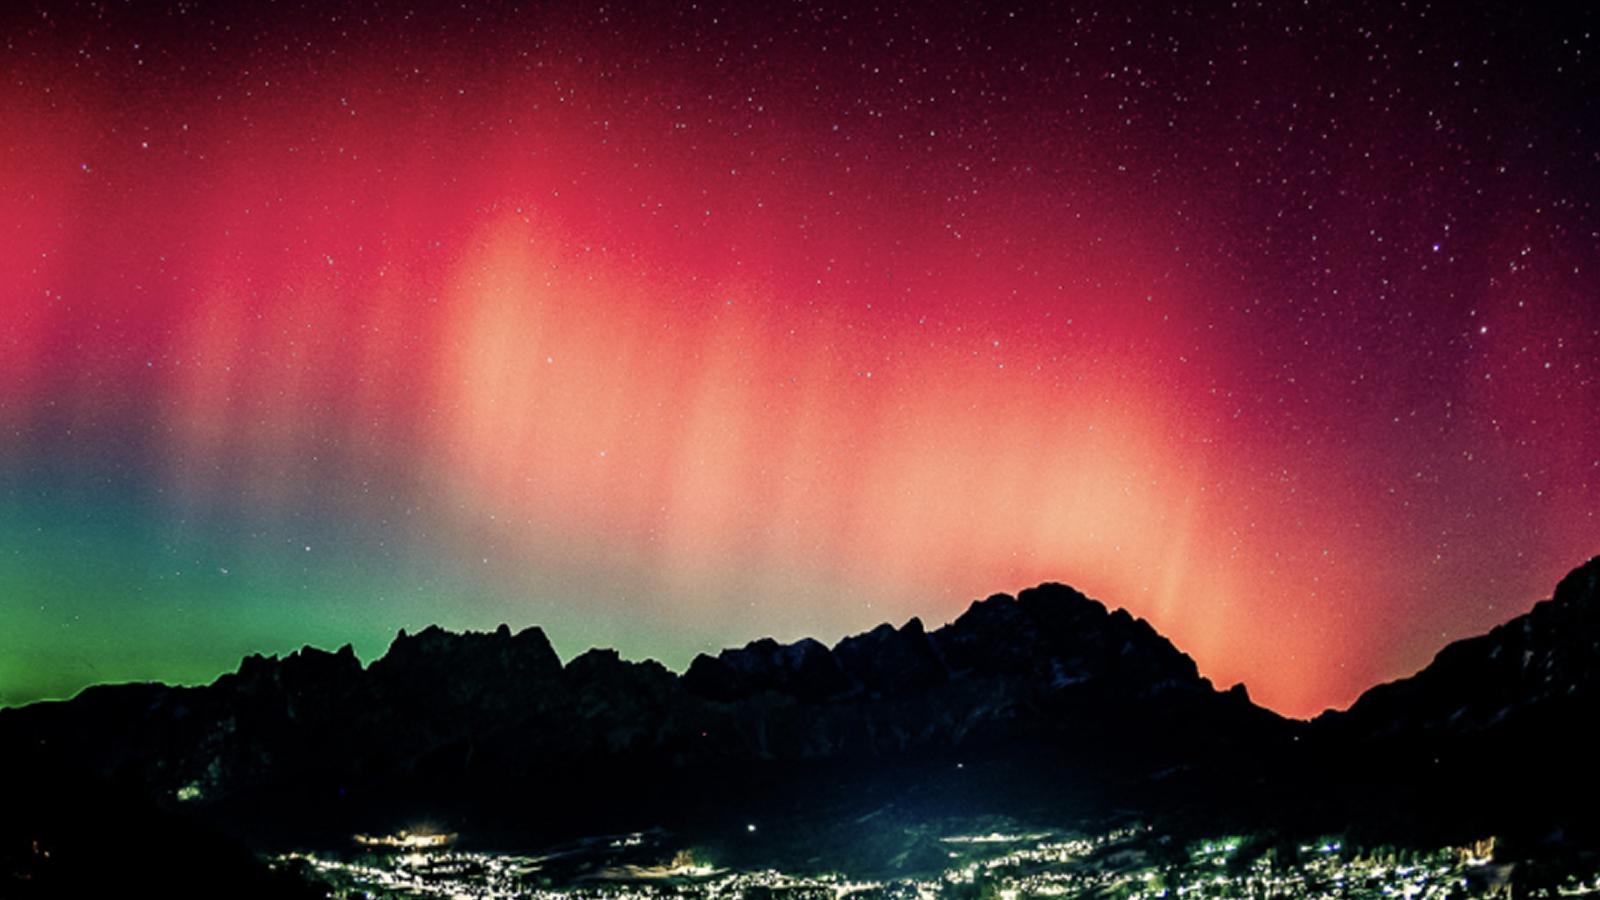 Toutes les couleurs du ciel pour l'emblème paralympique